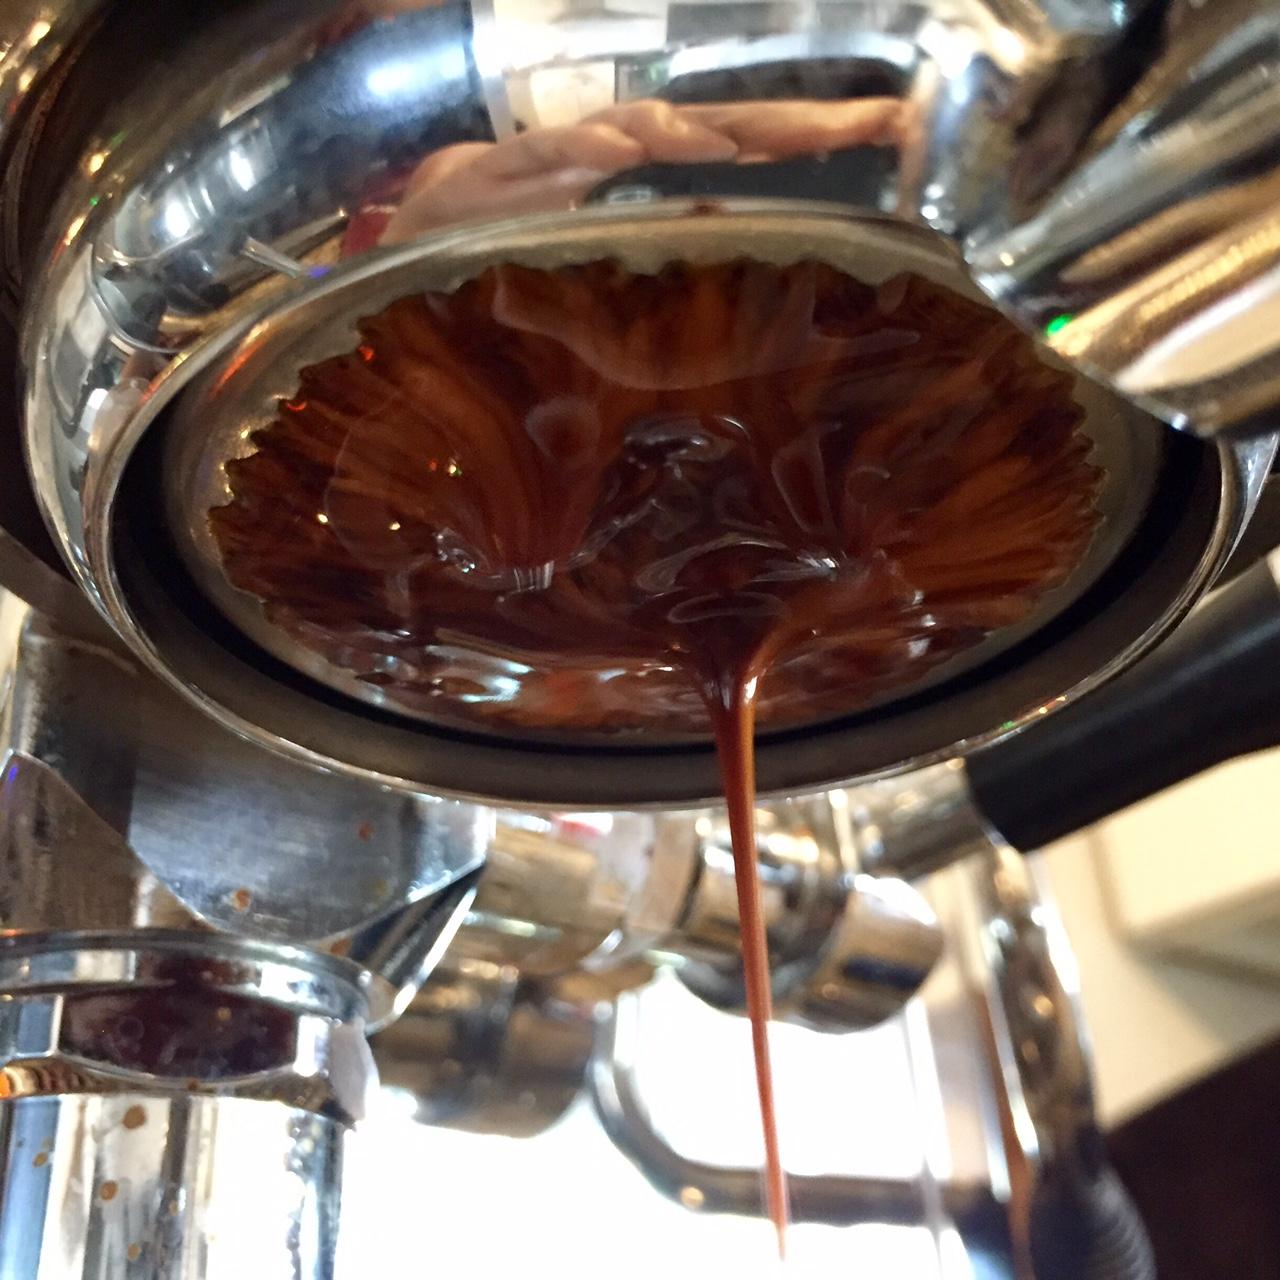 deep, bass heavy espresso for a single origin.